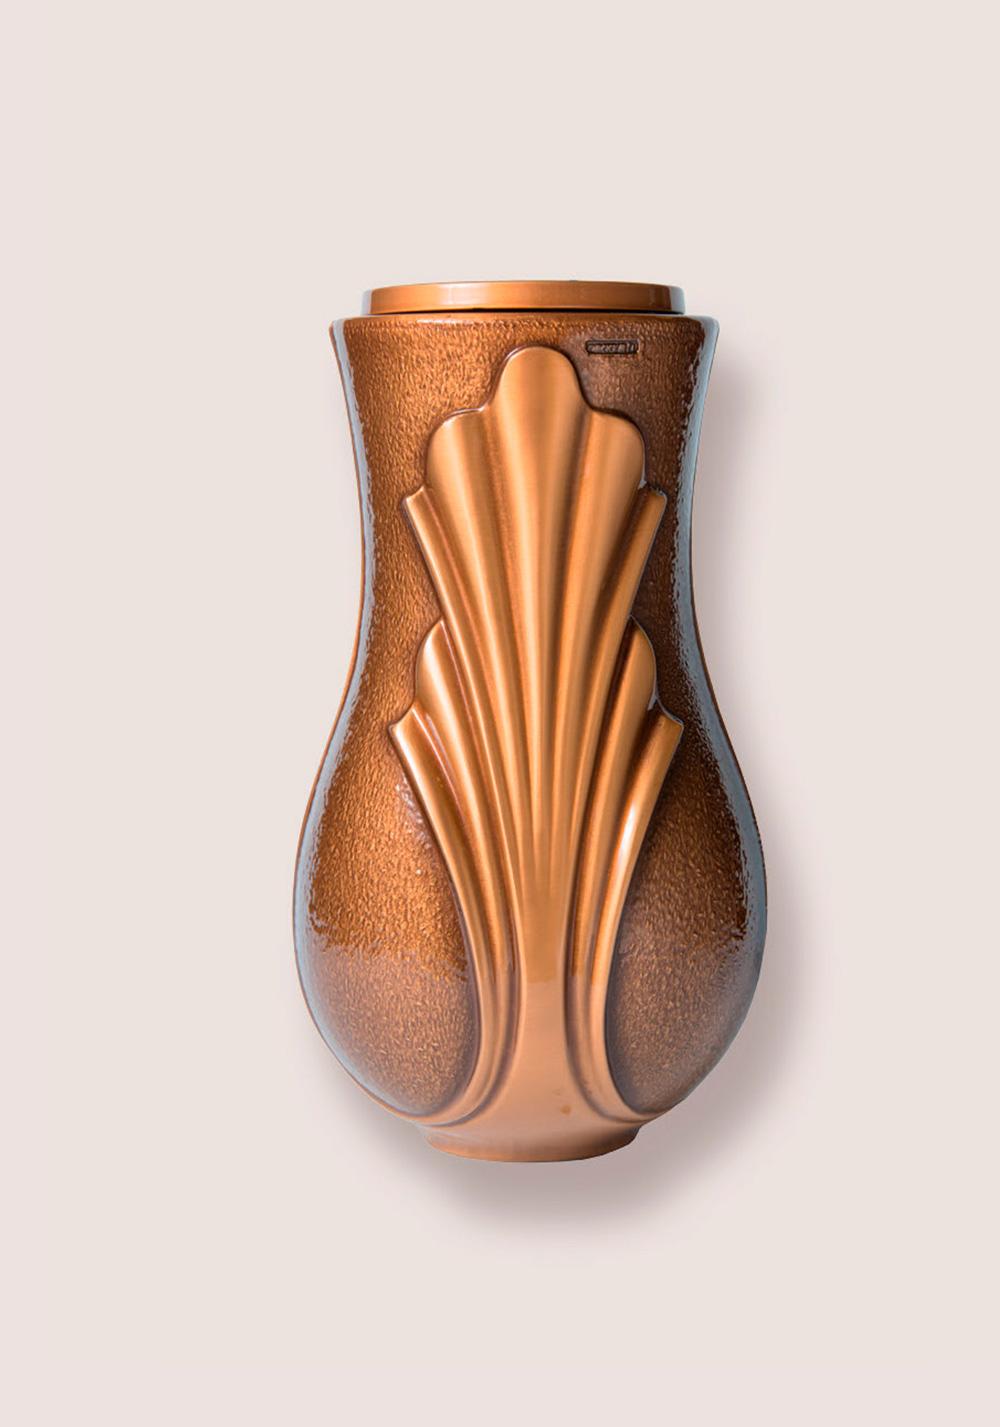 bronza-cagiatti- VERSAILLES (1)